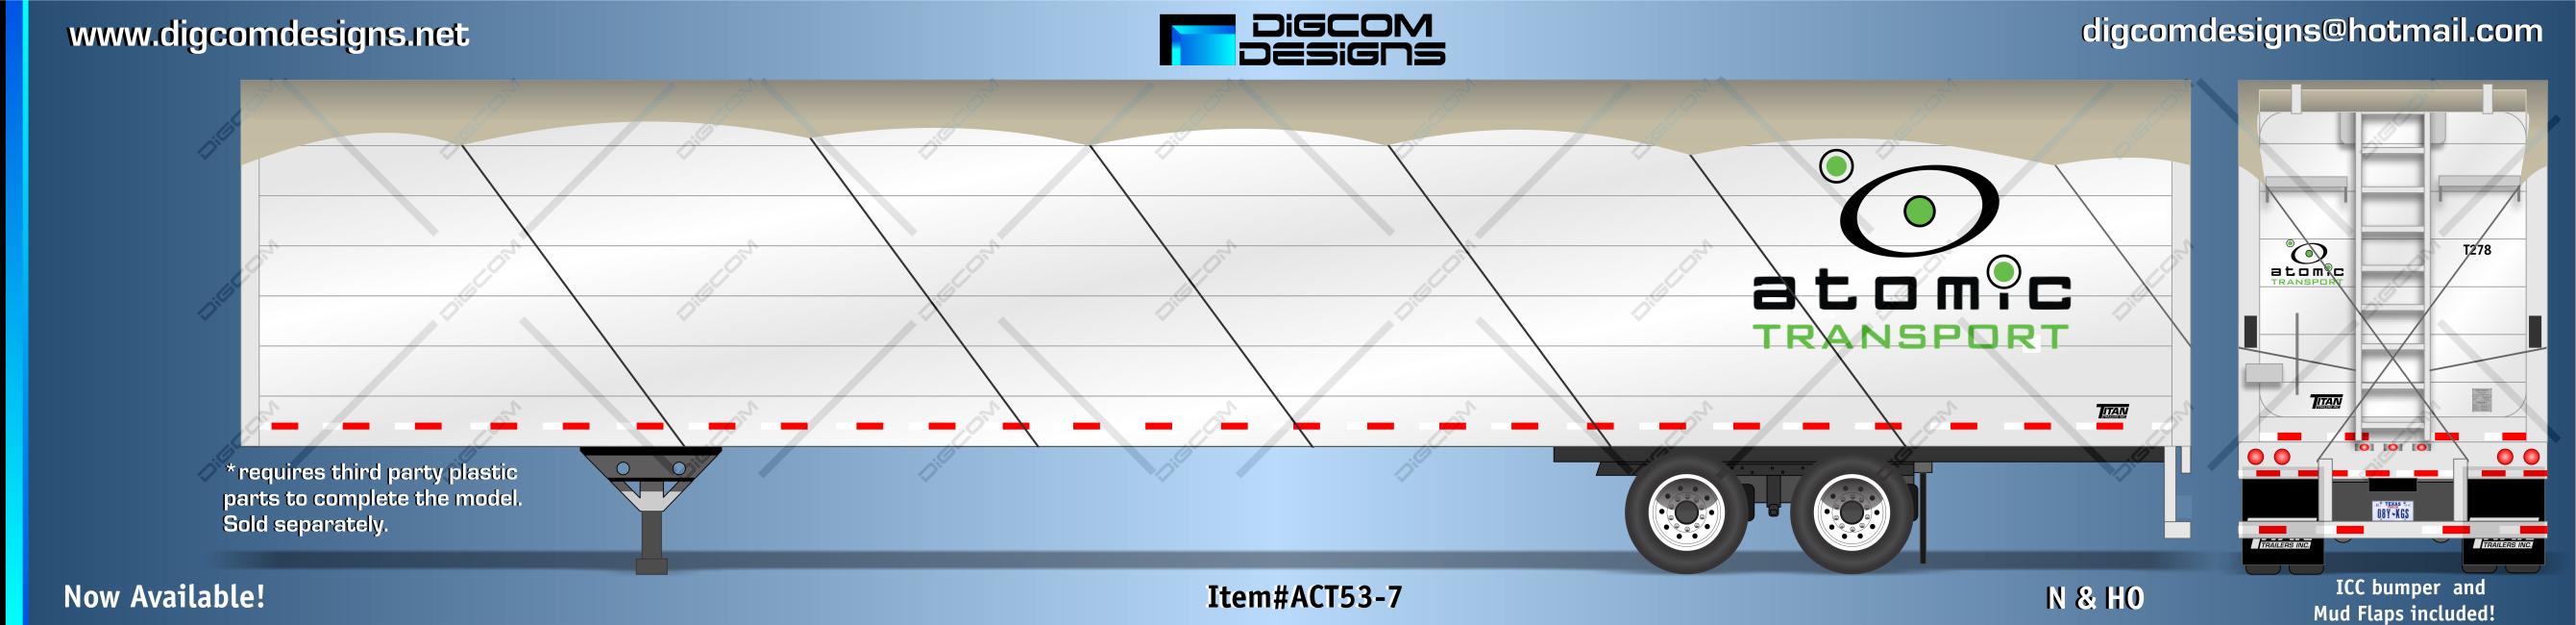 DIGCOMDESIGNSACT537